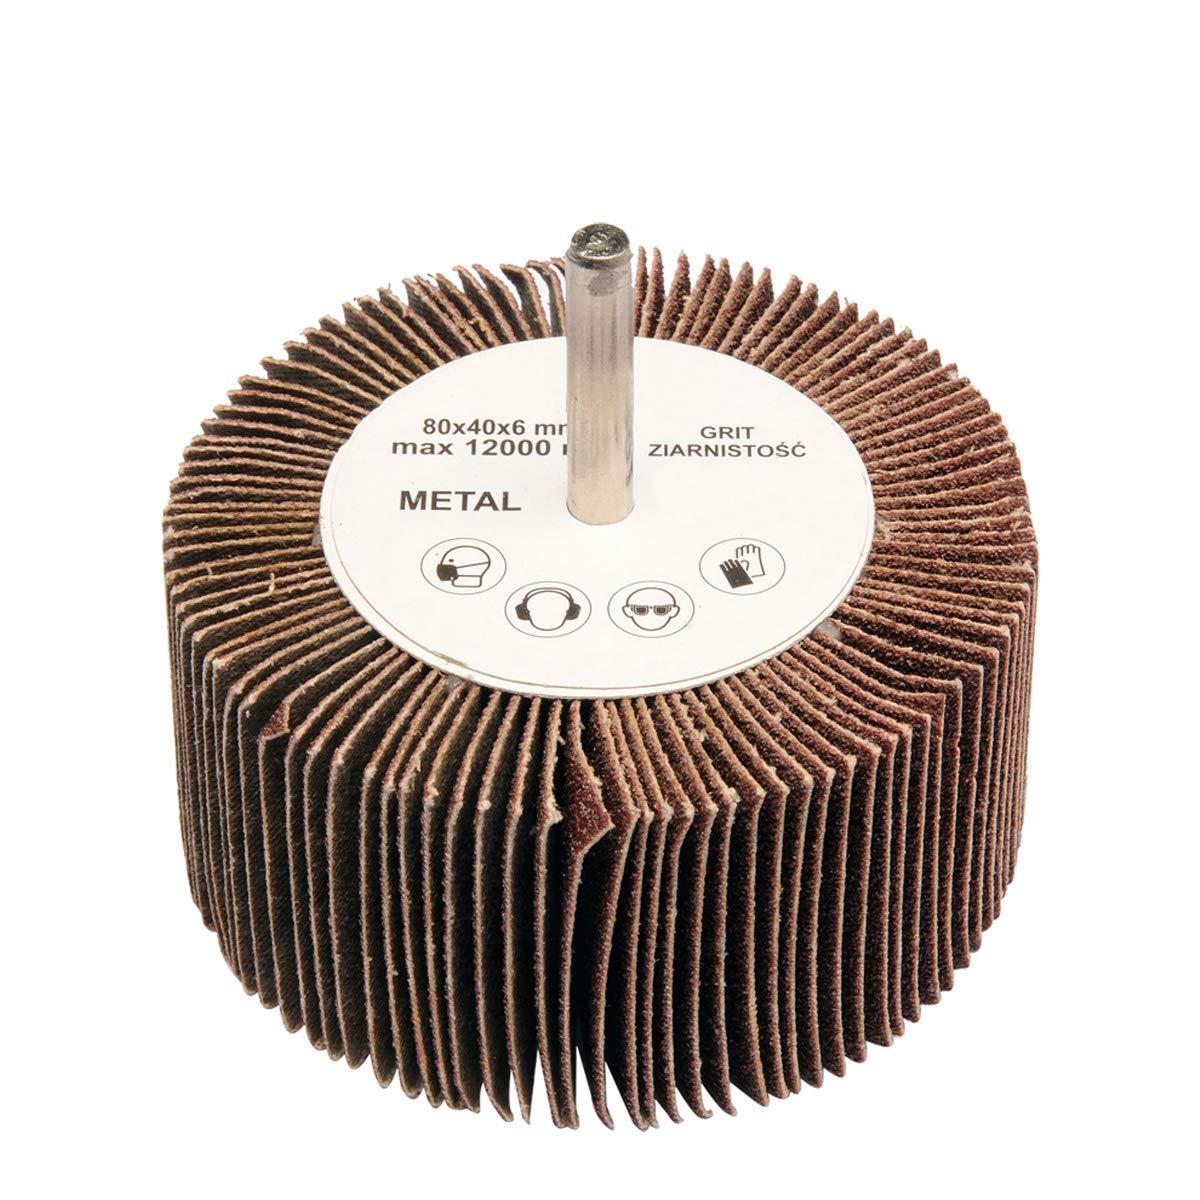 Fächerschleifer Ø 80 mm Schleifmop mit Schaft Korn 40 Schleifer